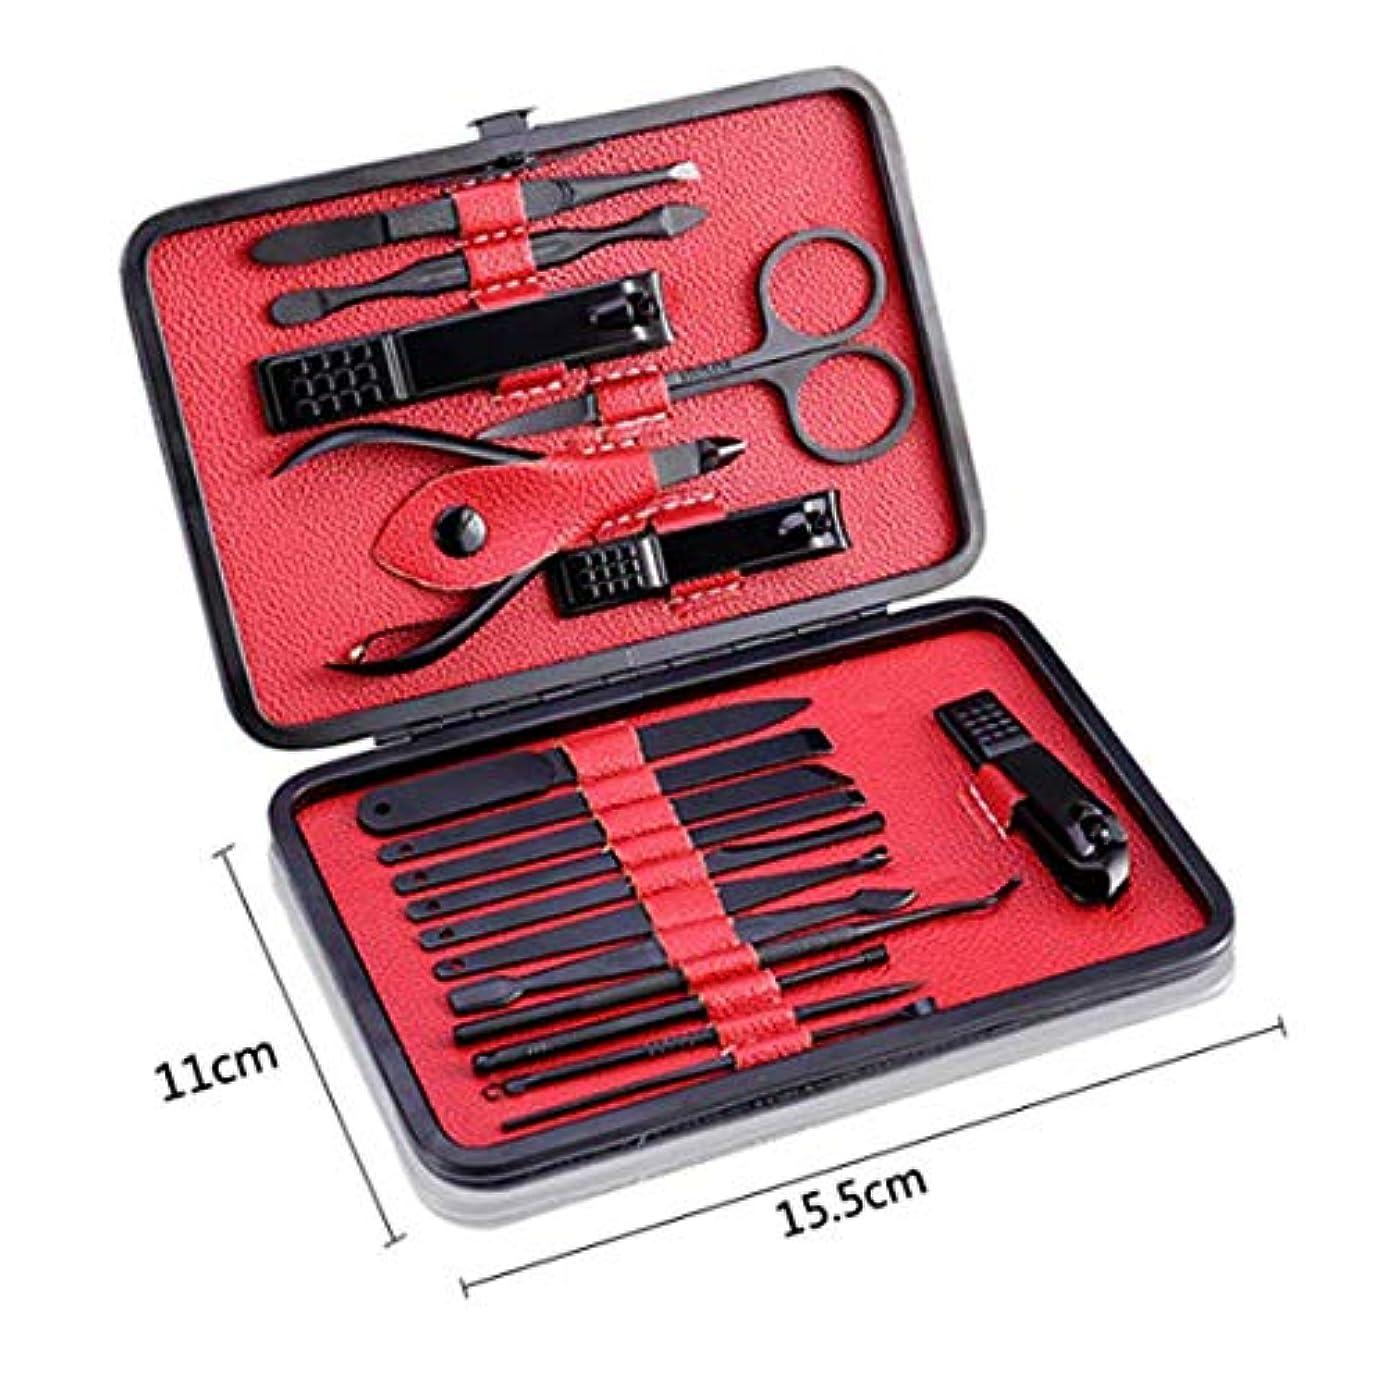 アライアンススラッシュ福祉爪切りセット 18点 ネイルケア 爪やすり マニキュア 多機能 ステンレス